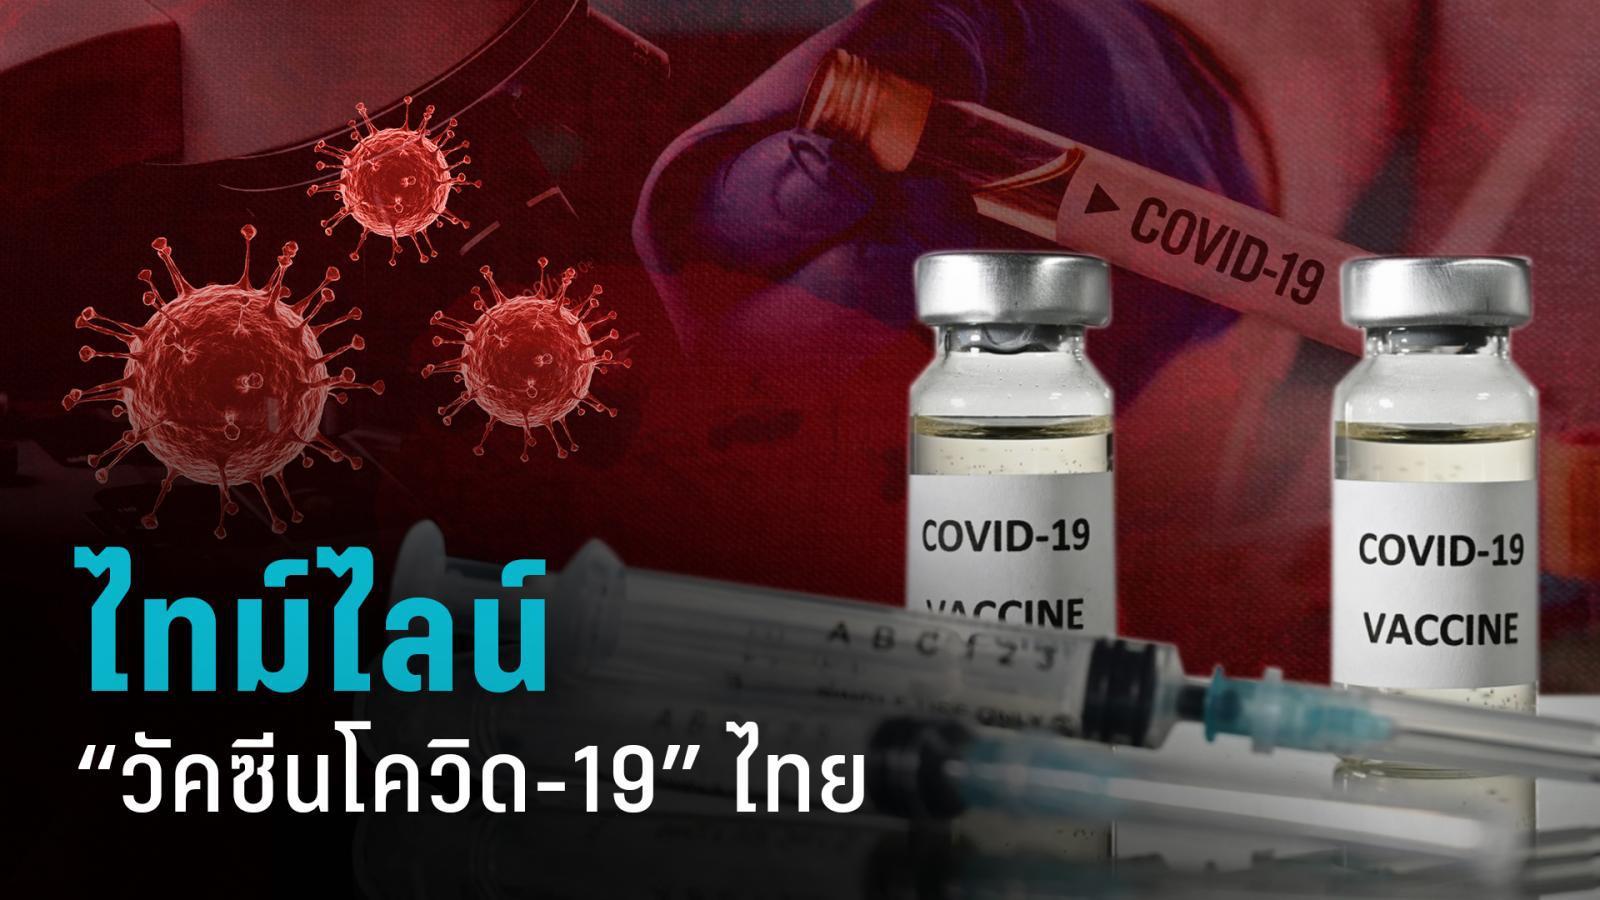 ปฏิทินวัคซีนโควิด-19 ของประเทศไทย